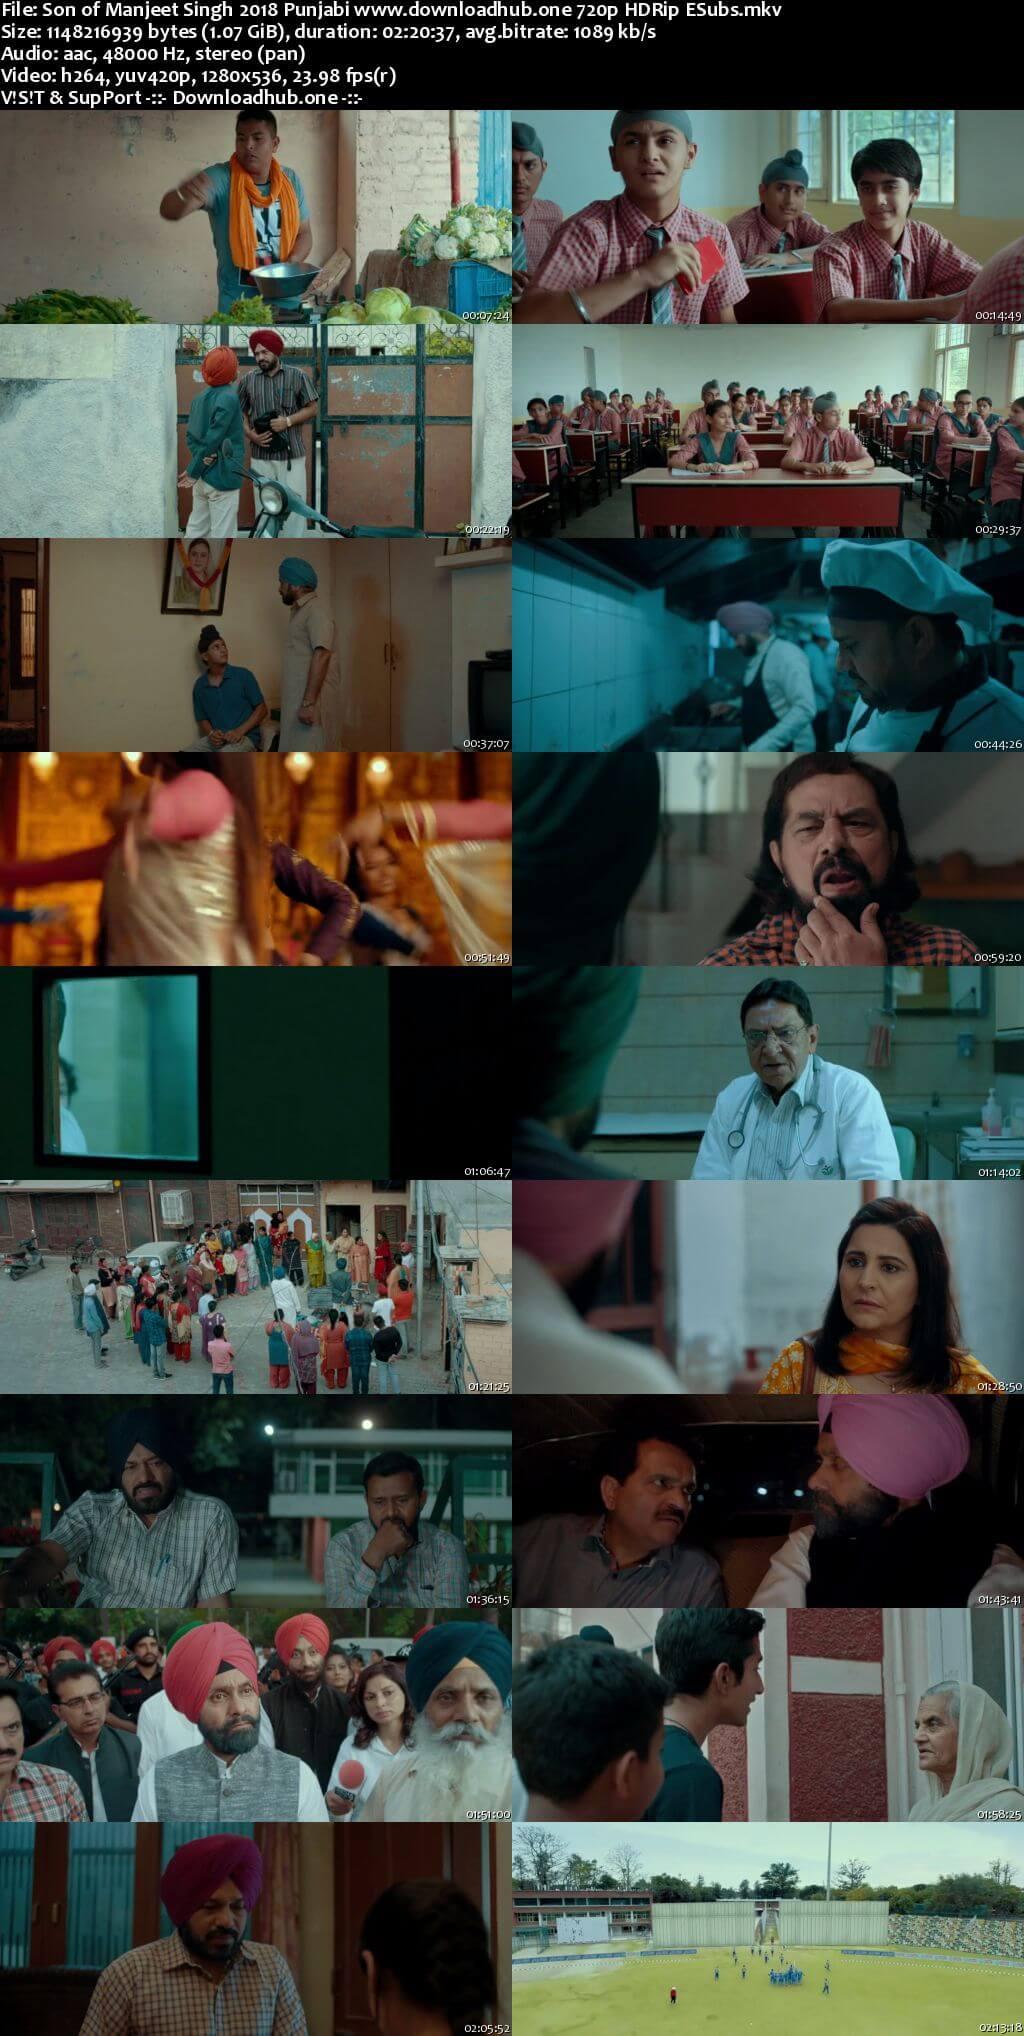 Son of Manjeet Singh 2018 Punjabi 720p HDRip ESubs